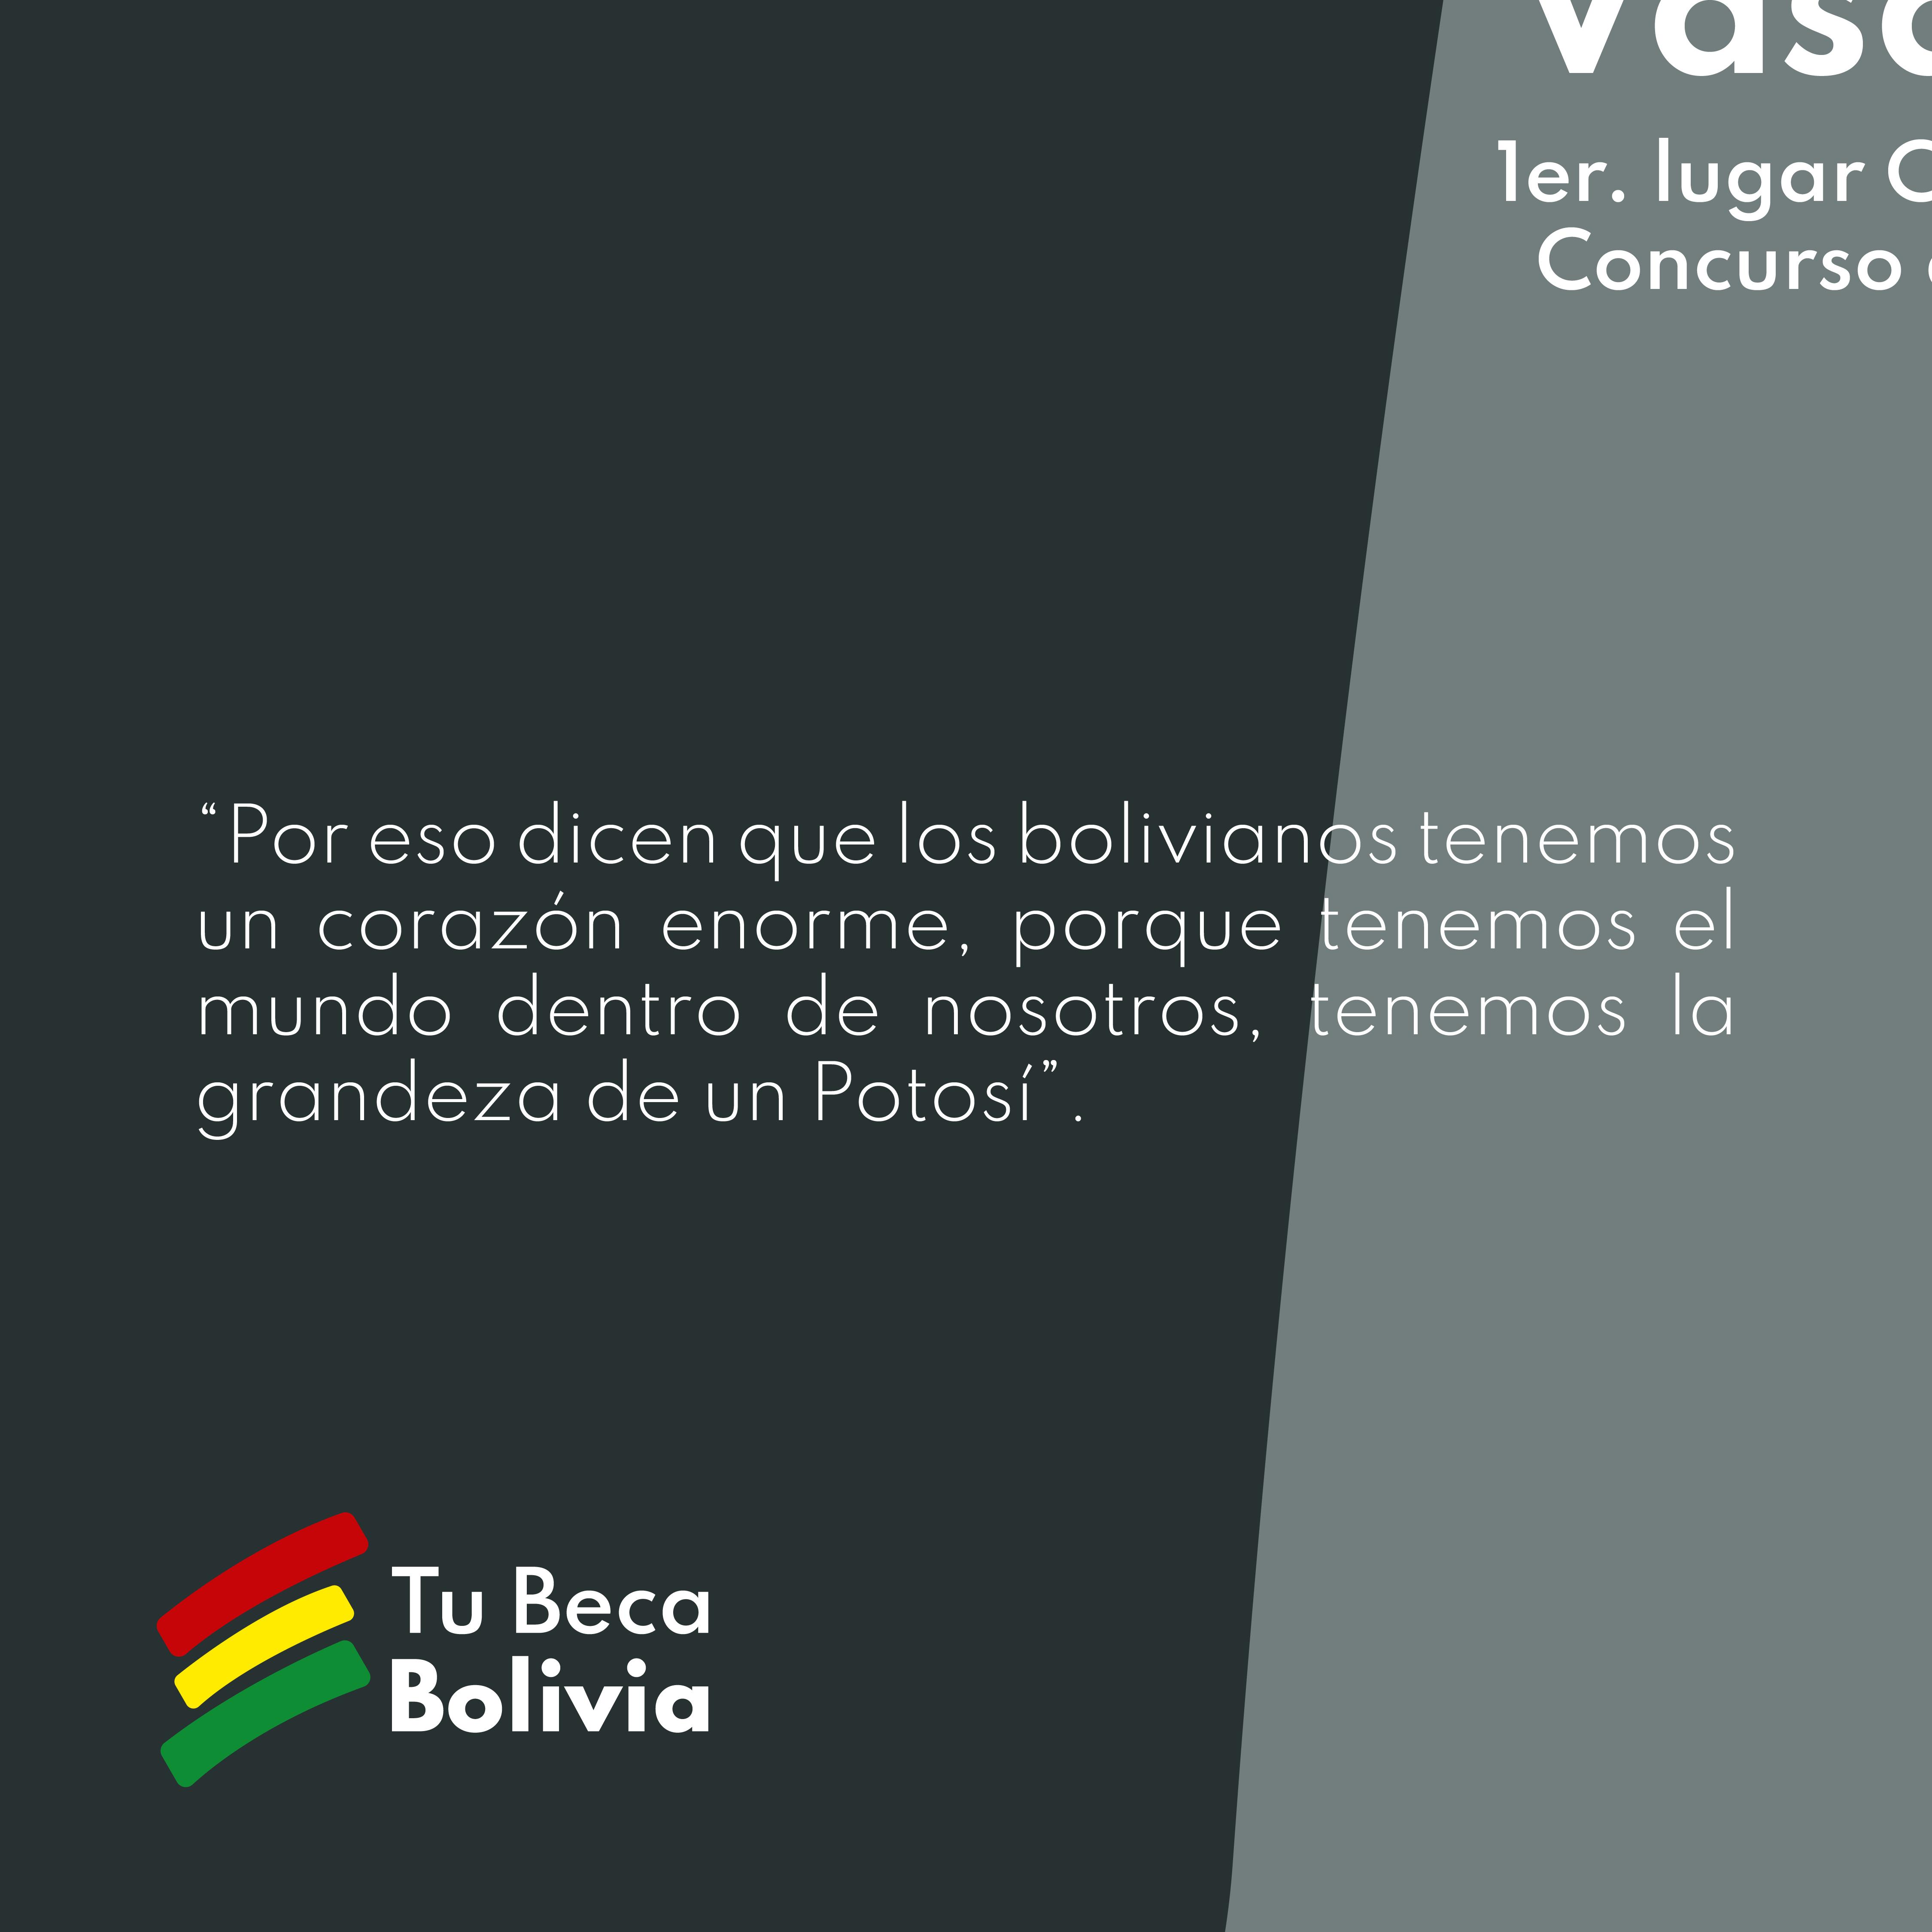 valeria vasquez-03